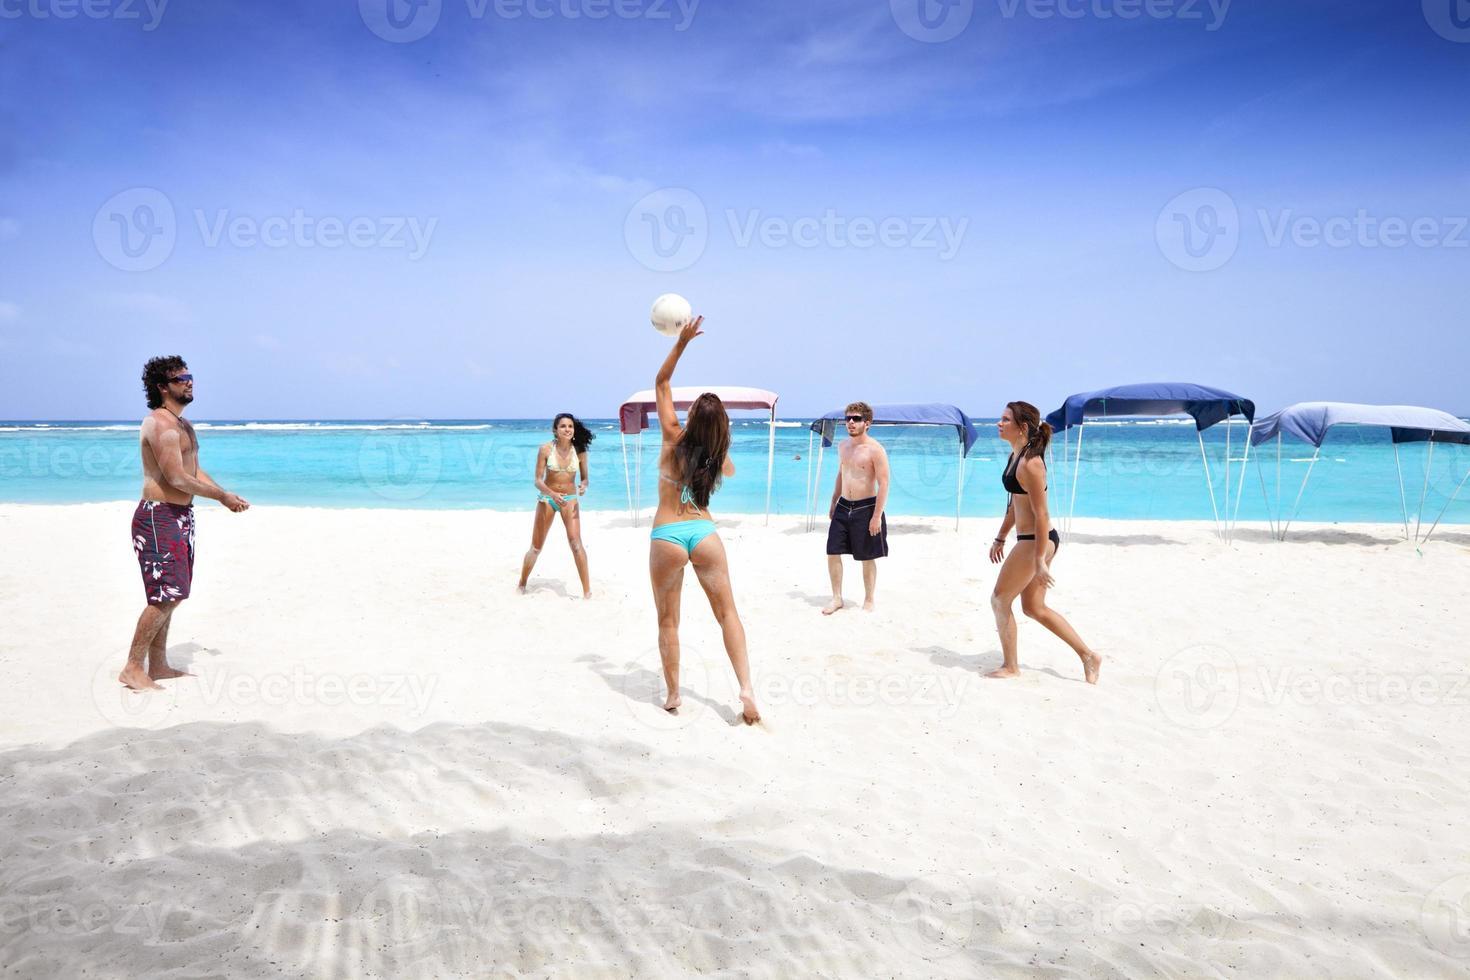 jovens jogando vôlei na praia foto